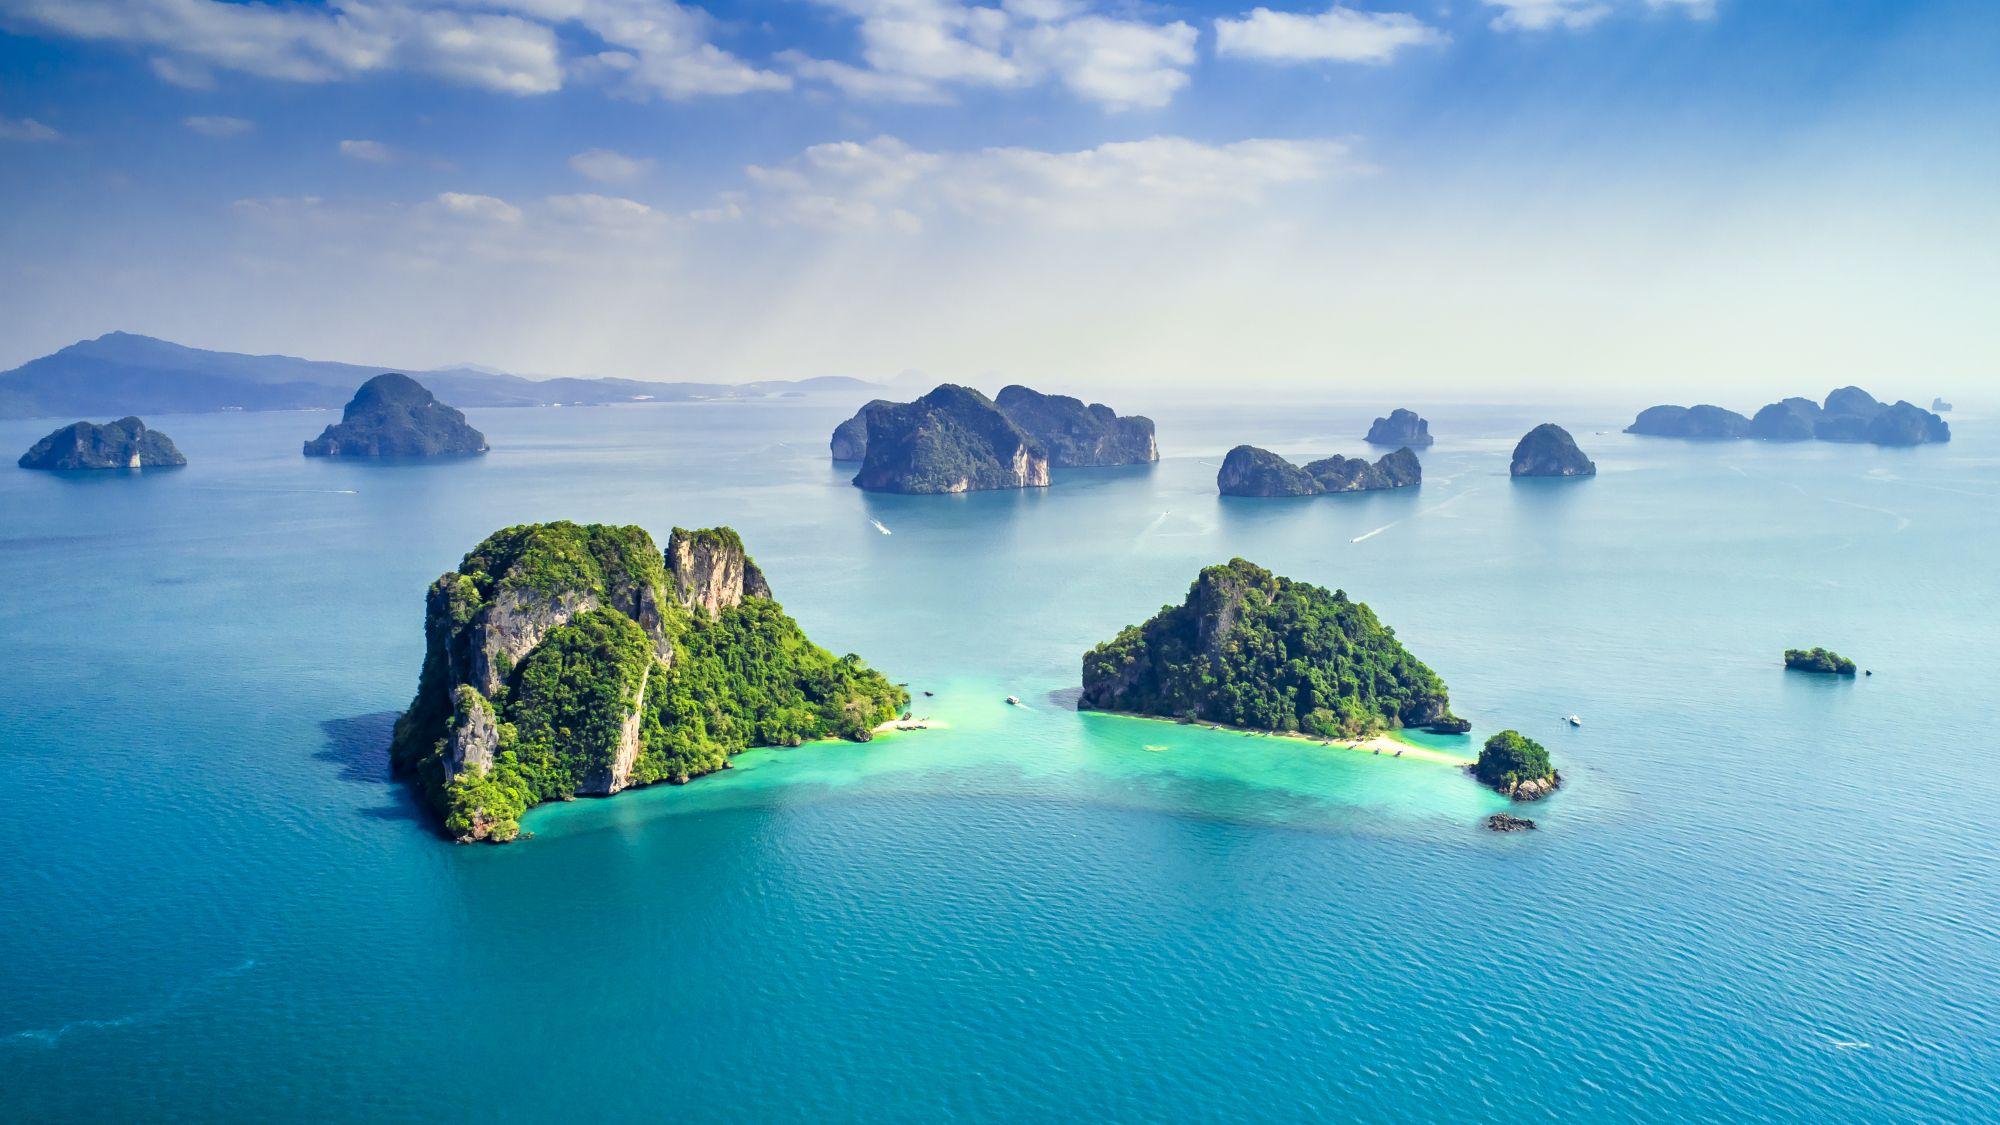 Phuket widok morza